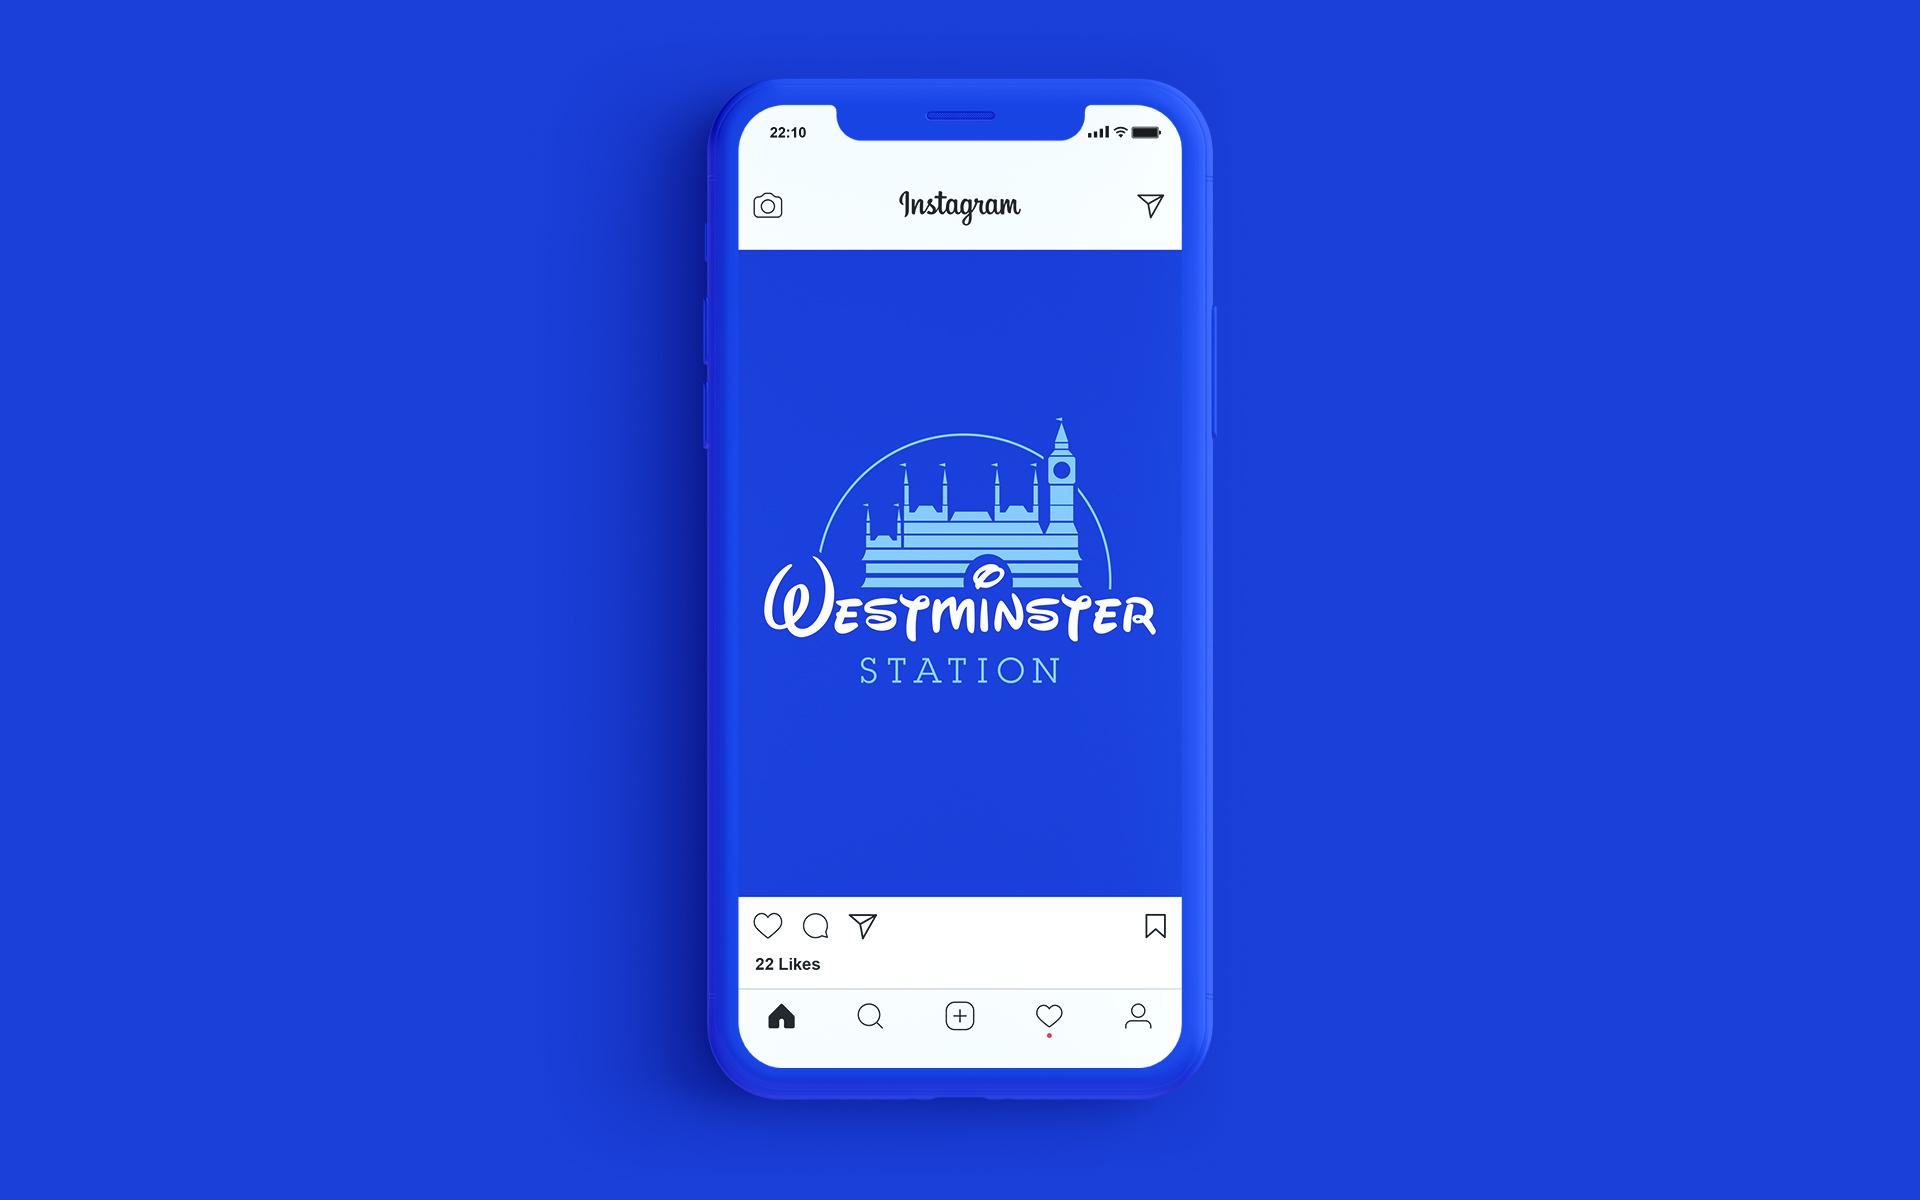 tube_brands__0009_Westminster